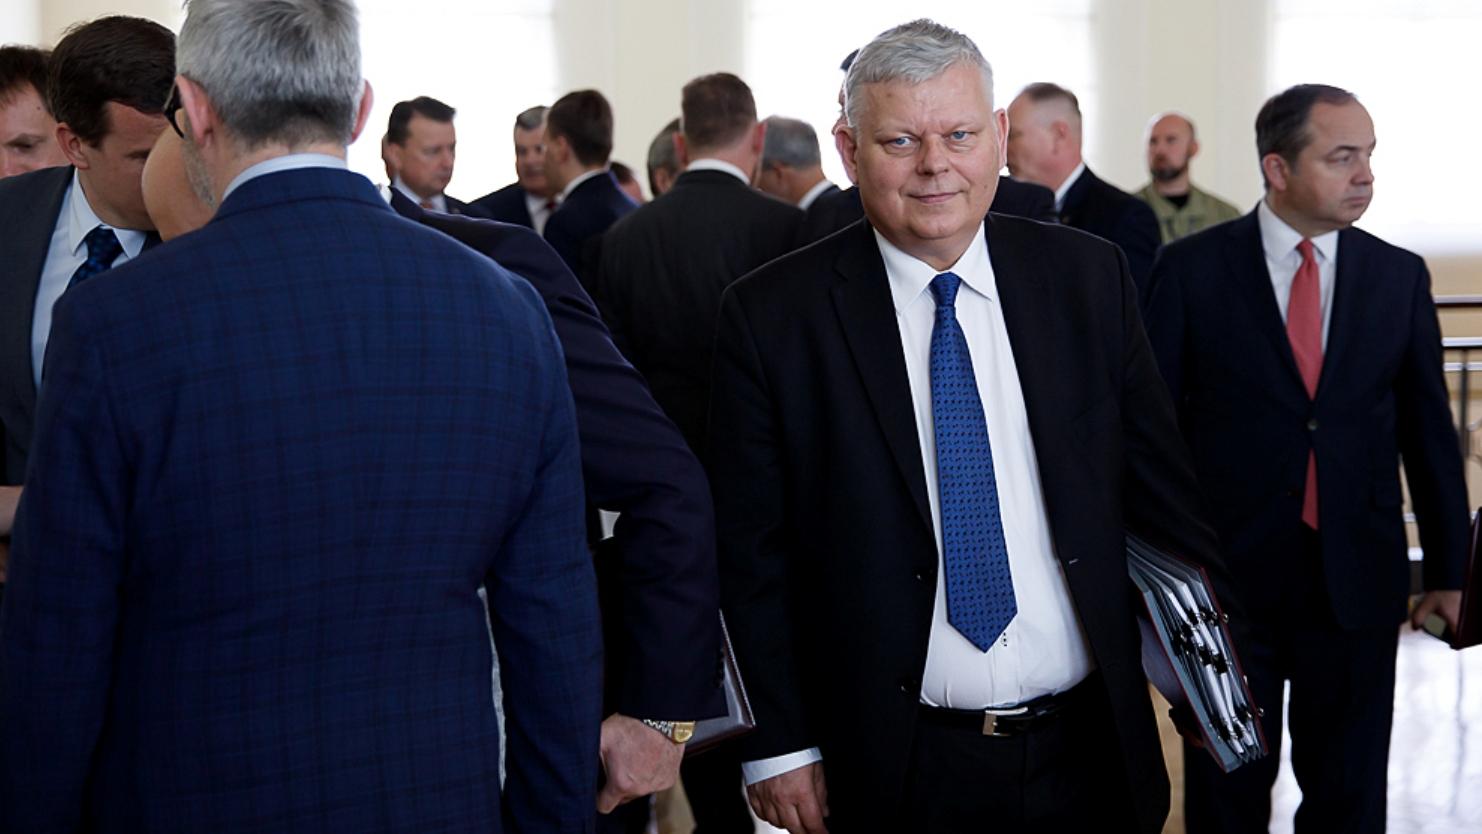 Suski: Spodziewam się najgorszego po Łukaszence, zwłoki mogą zostać podrzucone